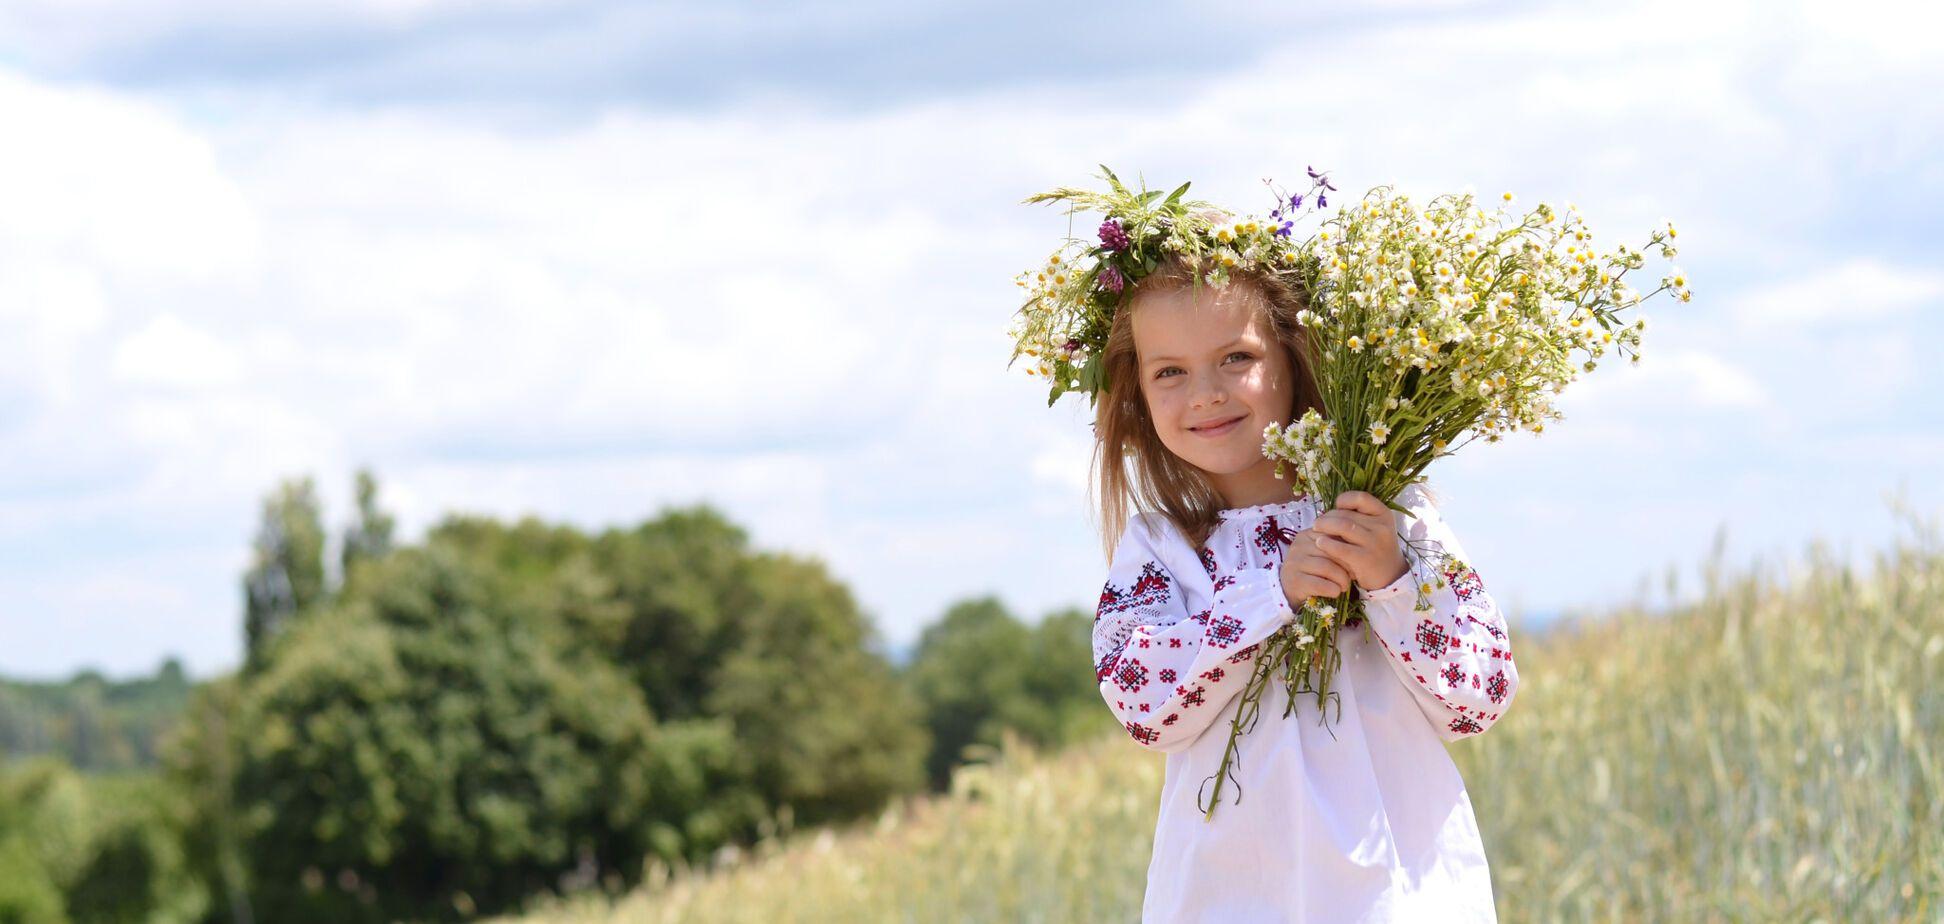 Прикмети і свята 7 червня: що категорично не можна робити в цей день